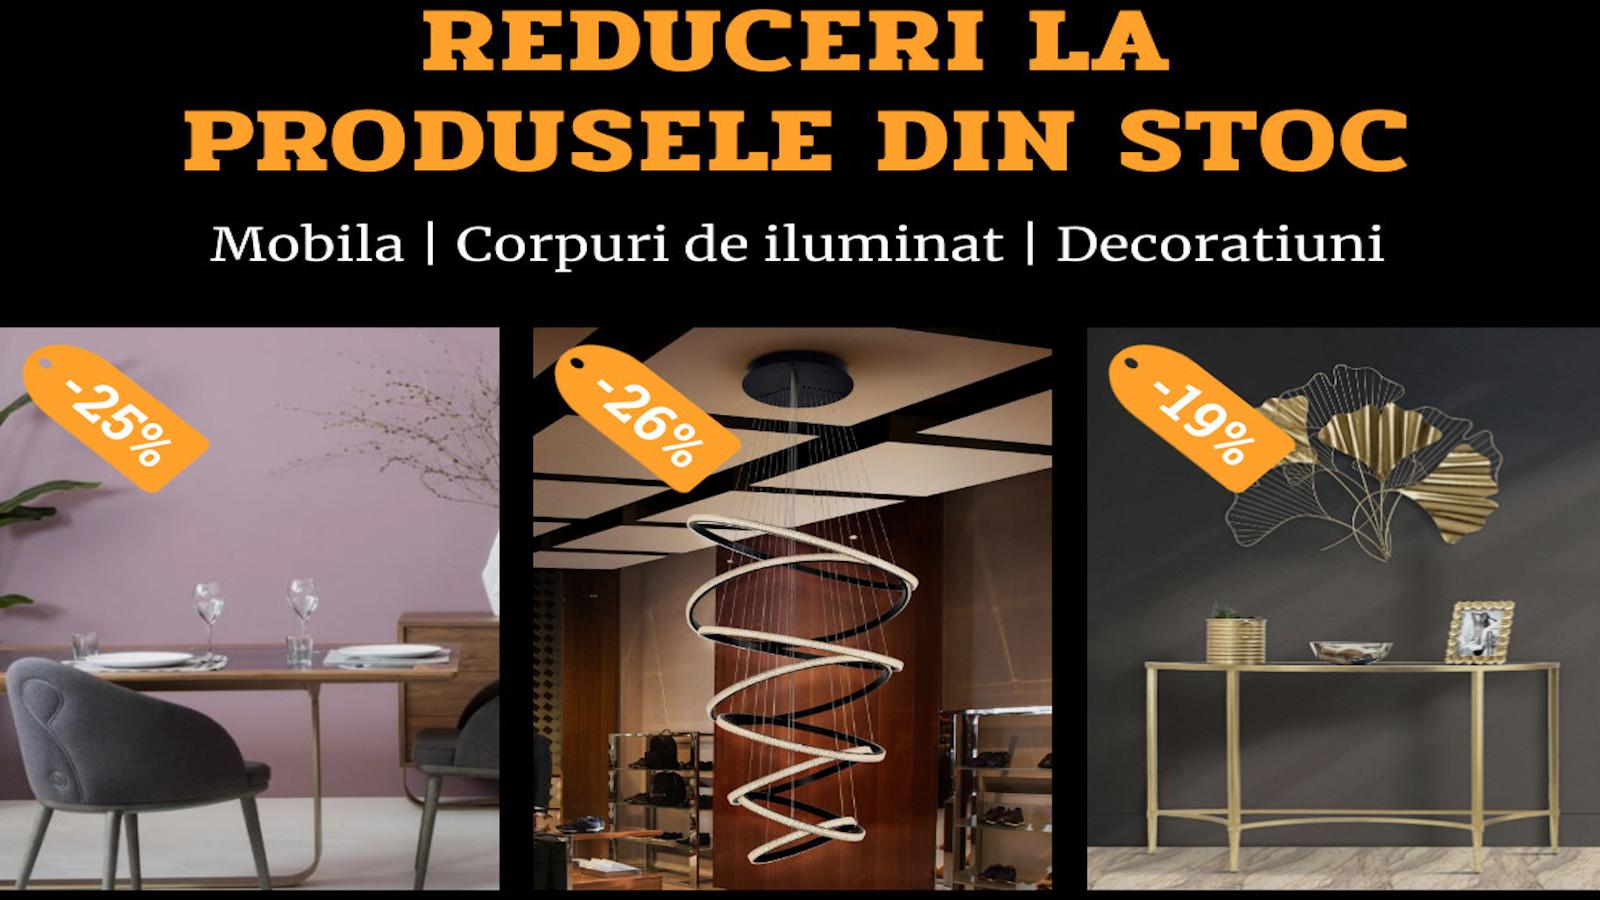 Reduceri la mobilier, corpuri de iluminat si decoratiuni din stoc dragut